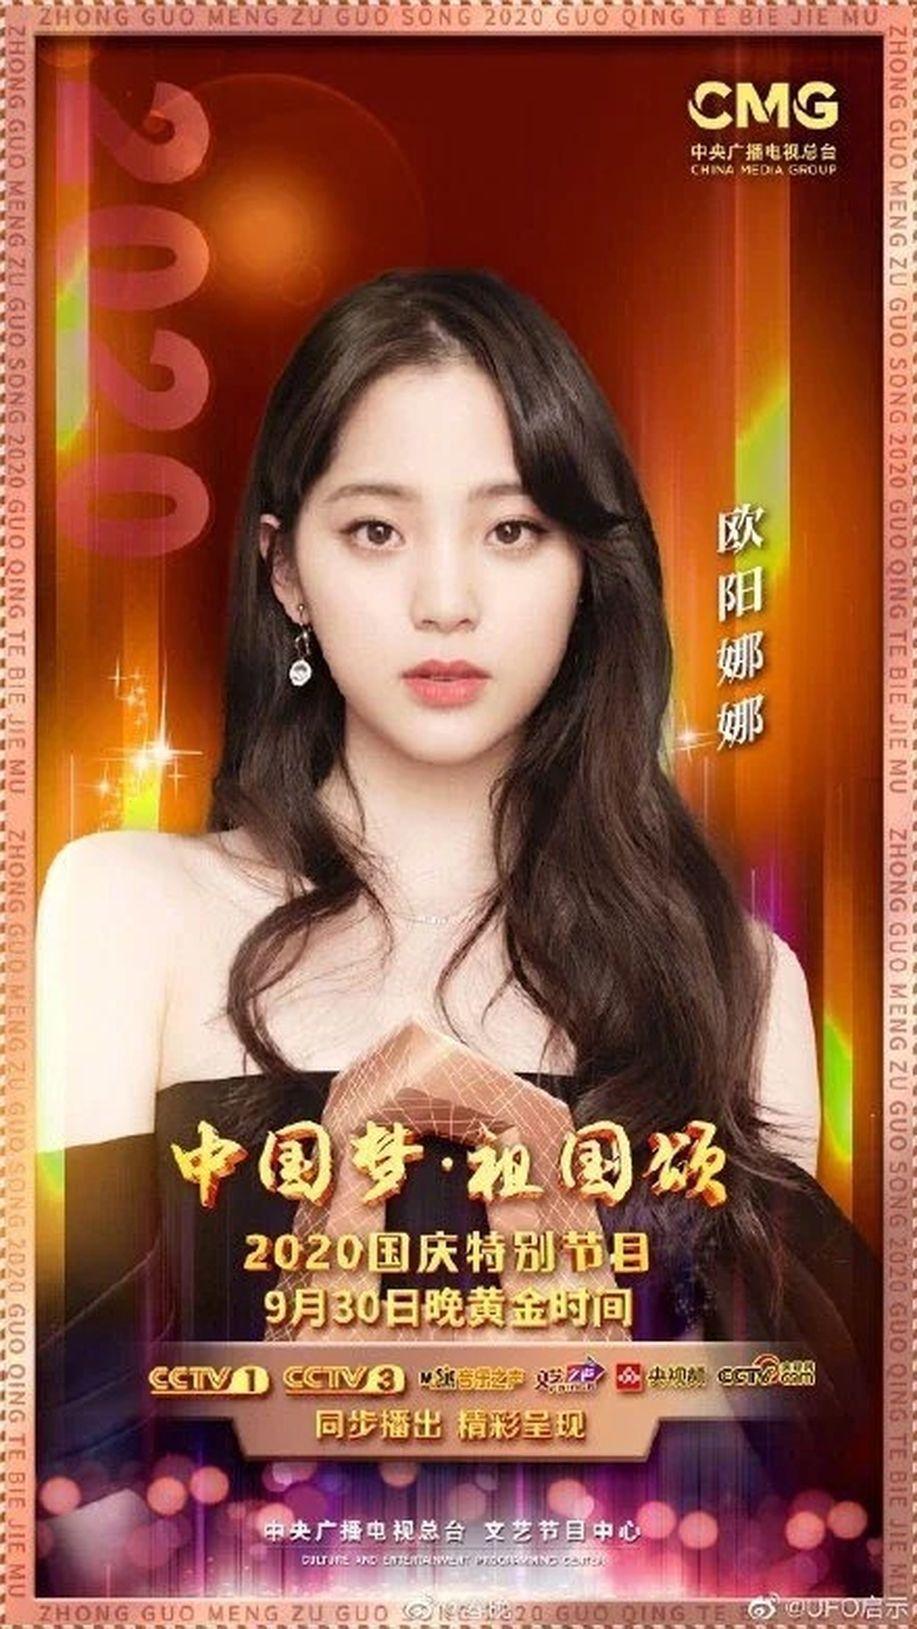 歐陽娜娜傳將在中國國慶晚會獻唱「我的祖國」等歌曲。 圖/擷自微博